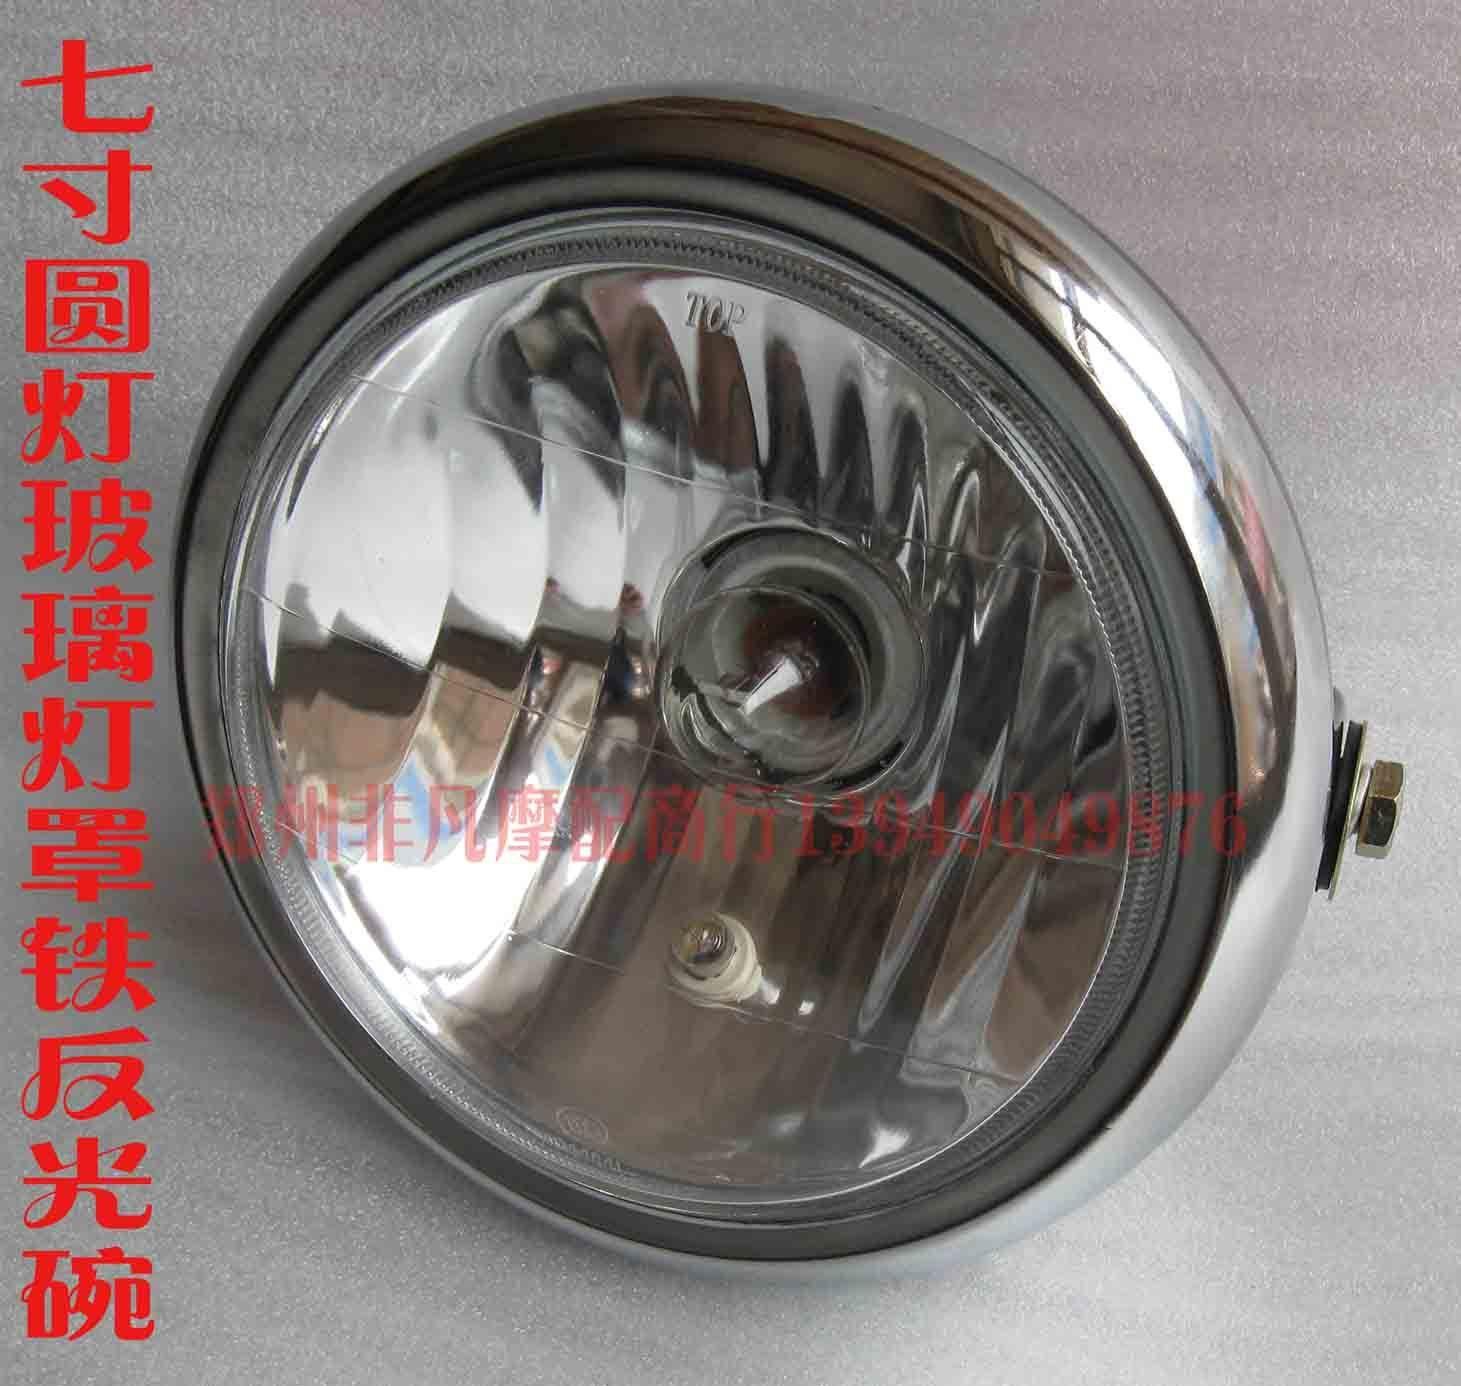 ybr125大灯/七寸圆灯总成/摩托车大灯/铁碗水晶玻璃灯罩/直经18cm